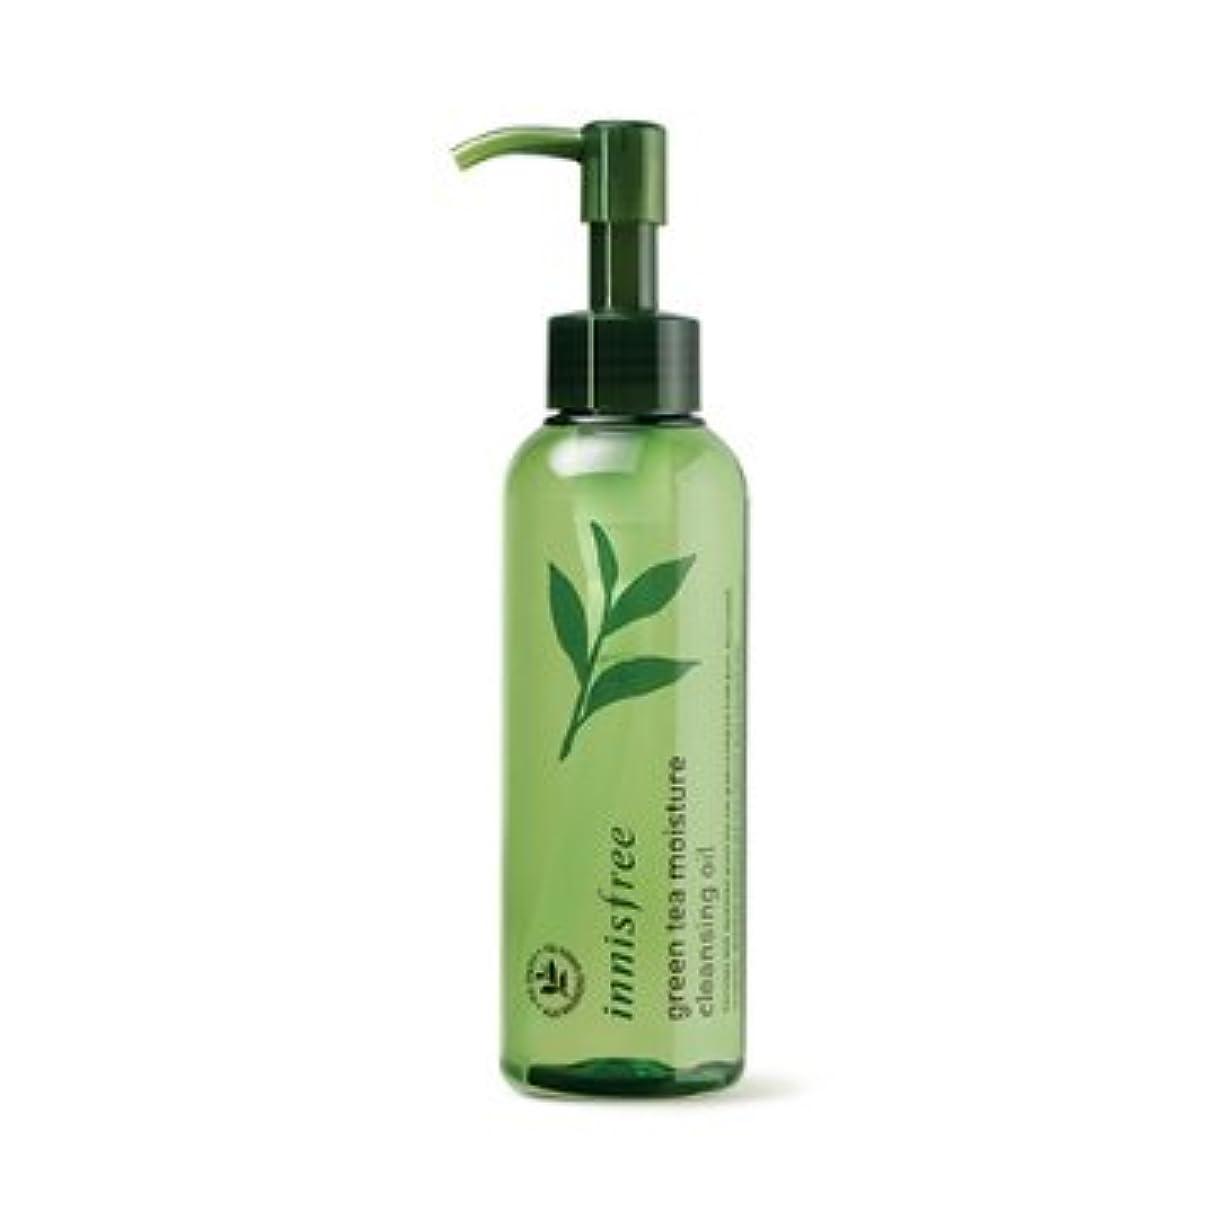 無駄な磨かれたうめき【イニスフリー】Innisfree green tea moisture cleansing oil - 150ml (韓国直送品) (SHOPPINGINSTAGRAM)